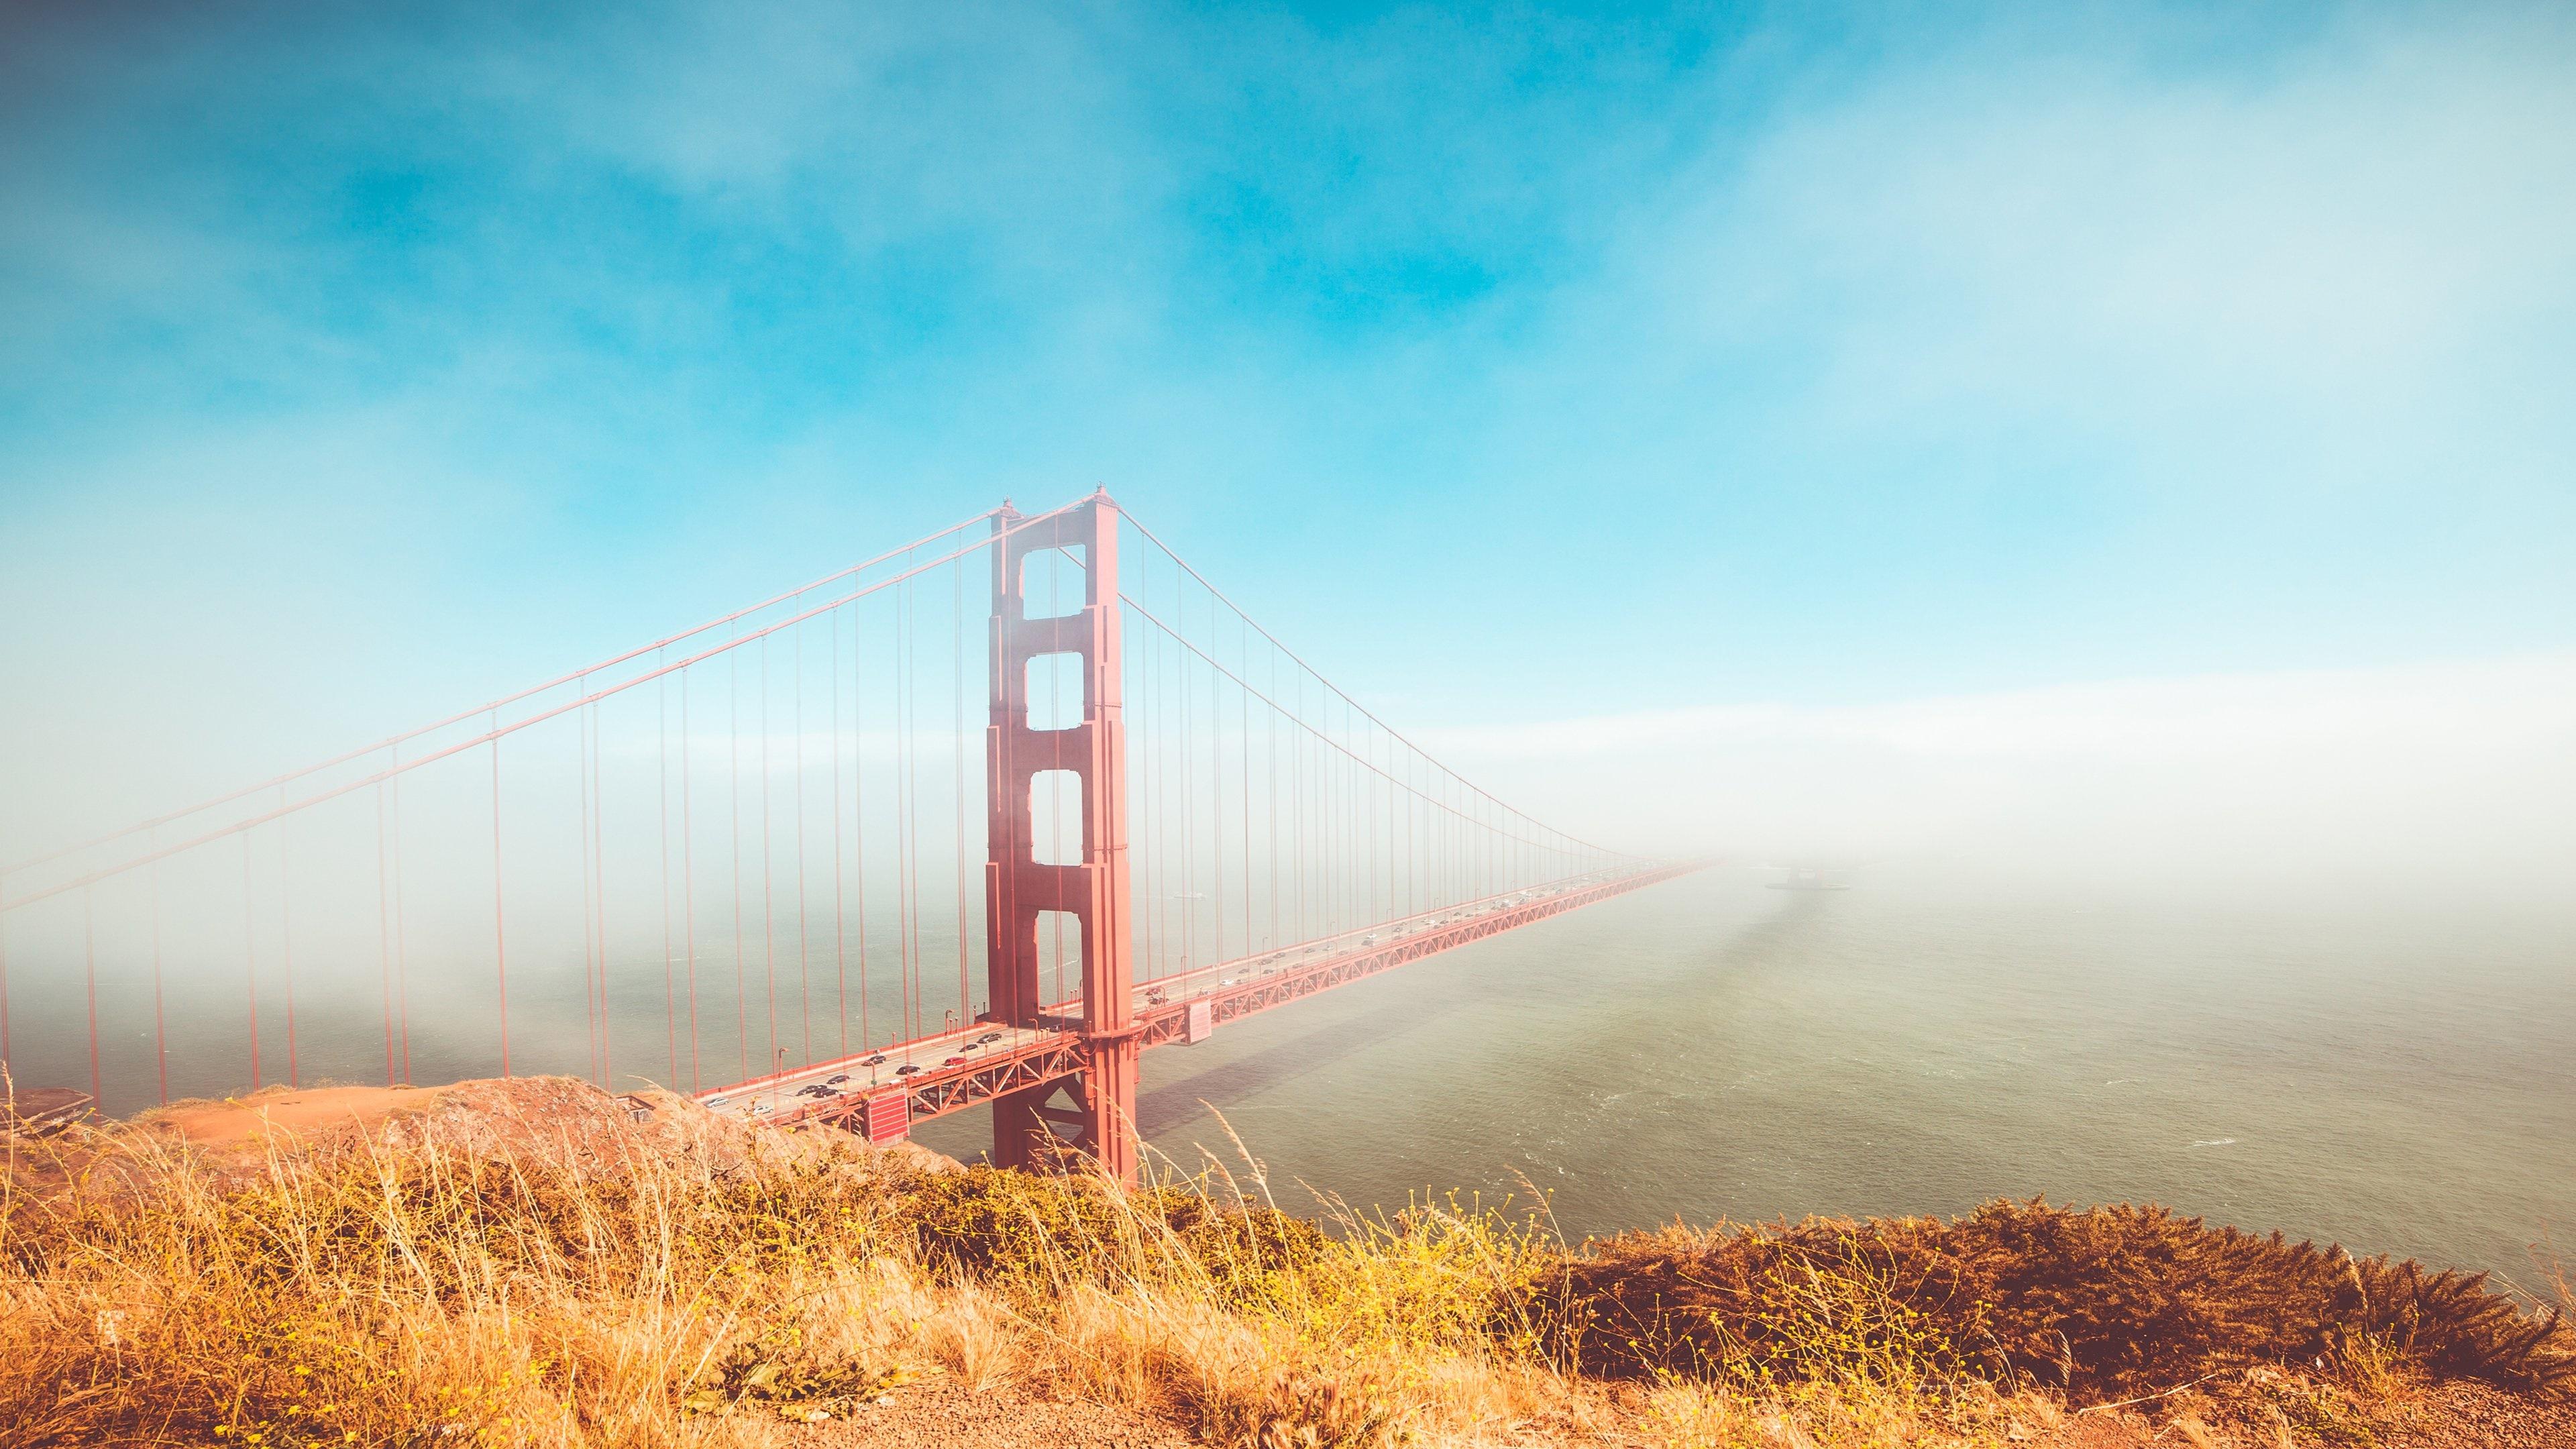 Golden Gate Bridge In Mist 4k Ultrahd Wallpaper Backiee